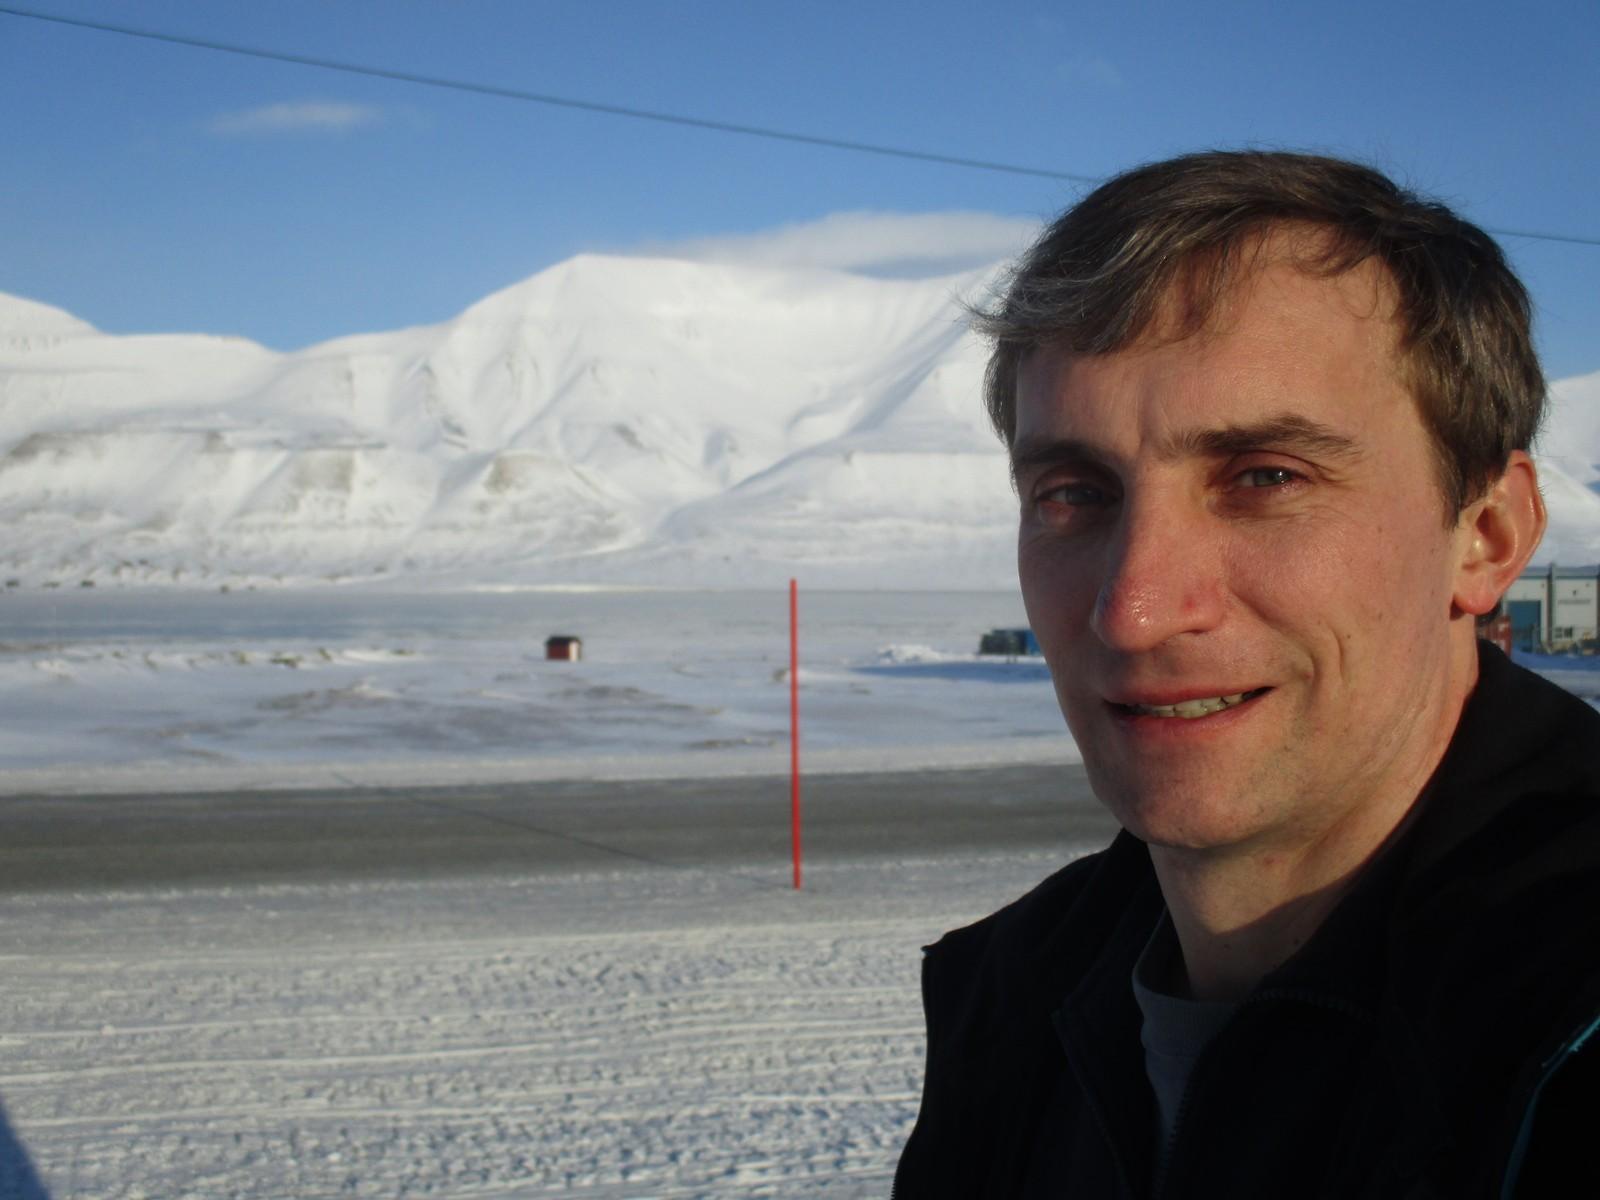 Forskningsleder Christian Petrich.